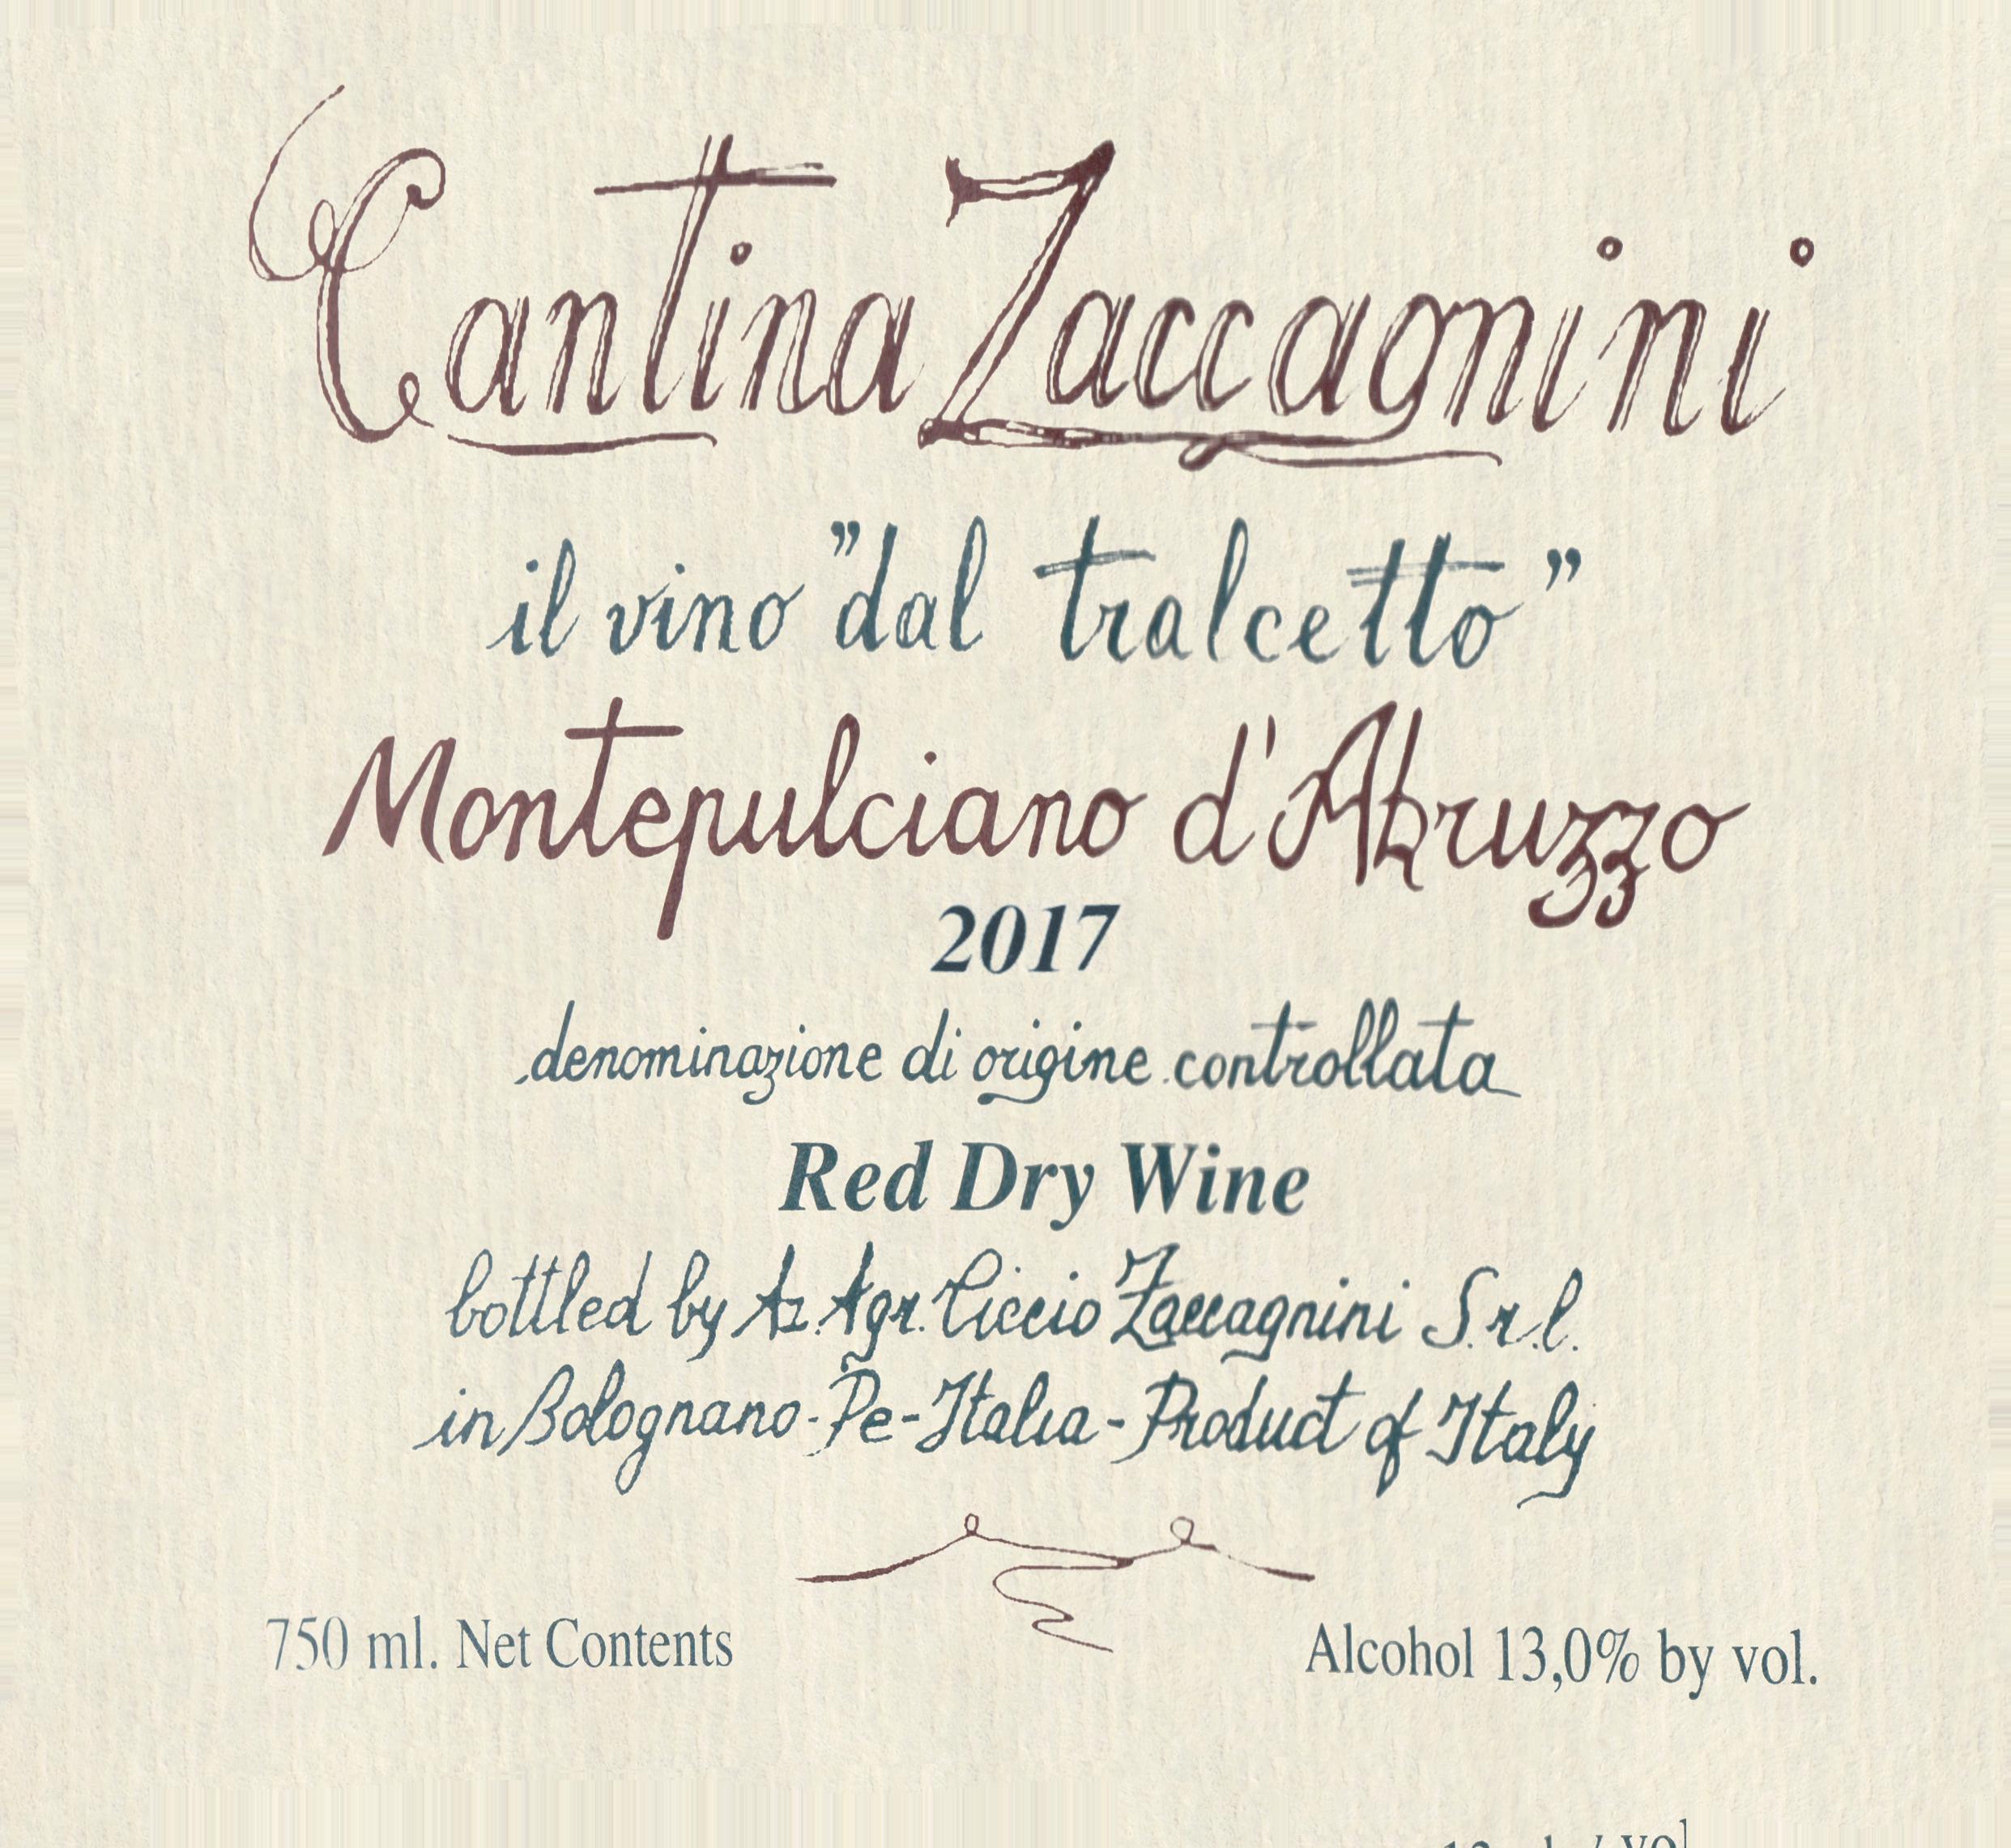 Cantina Zaccagnini Montepulciano D